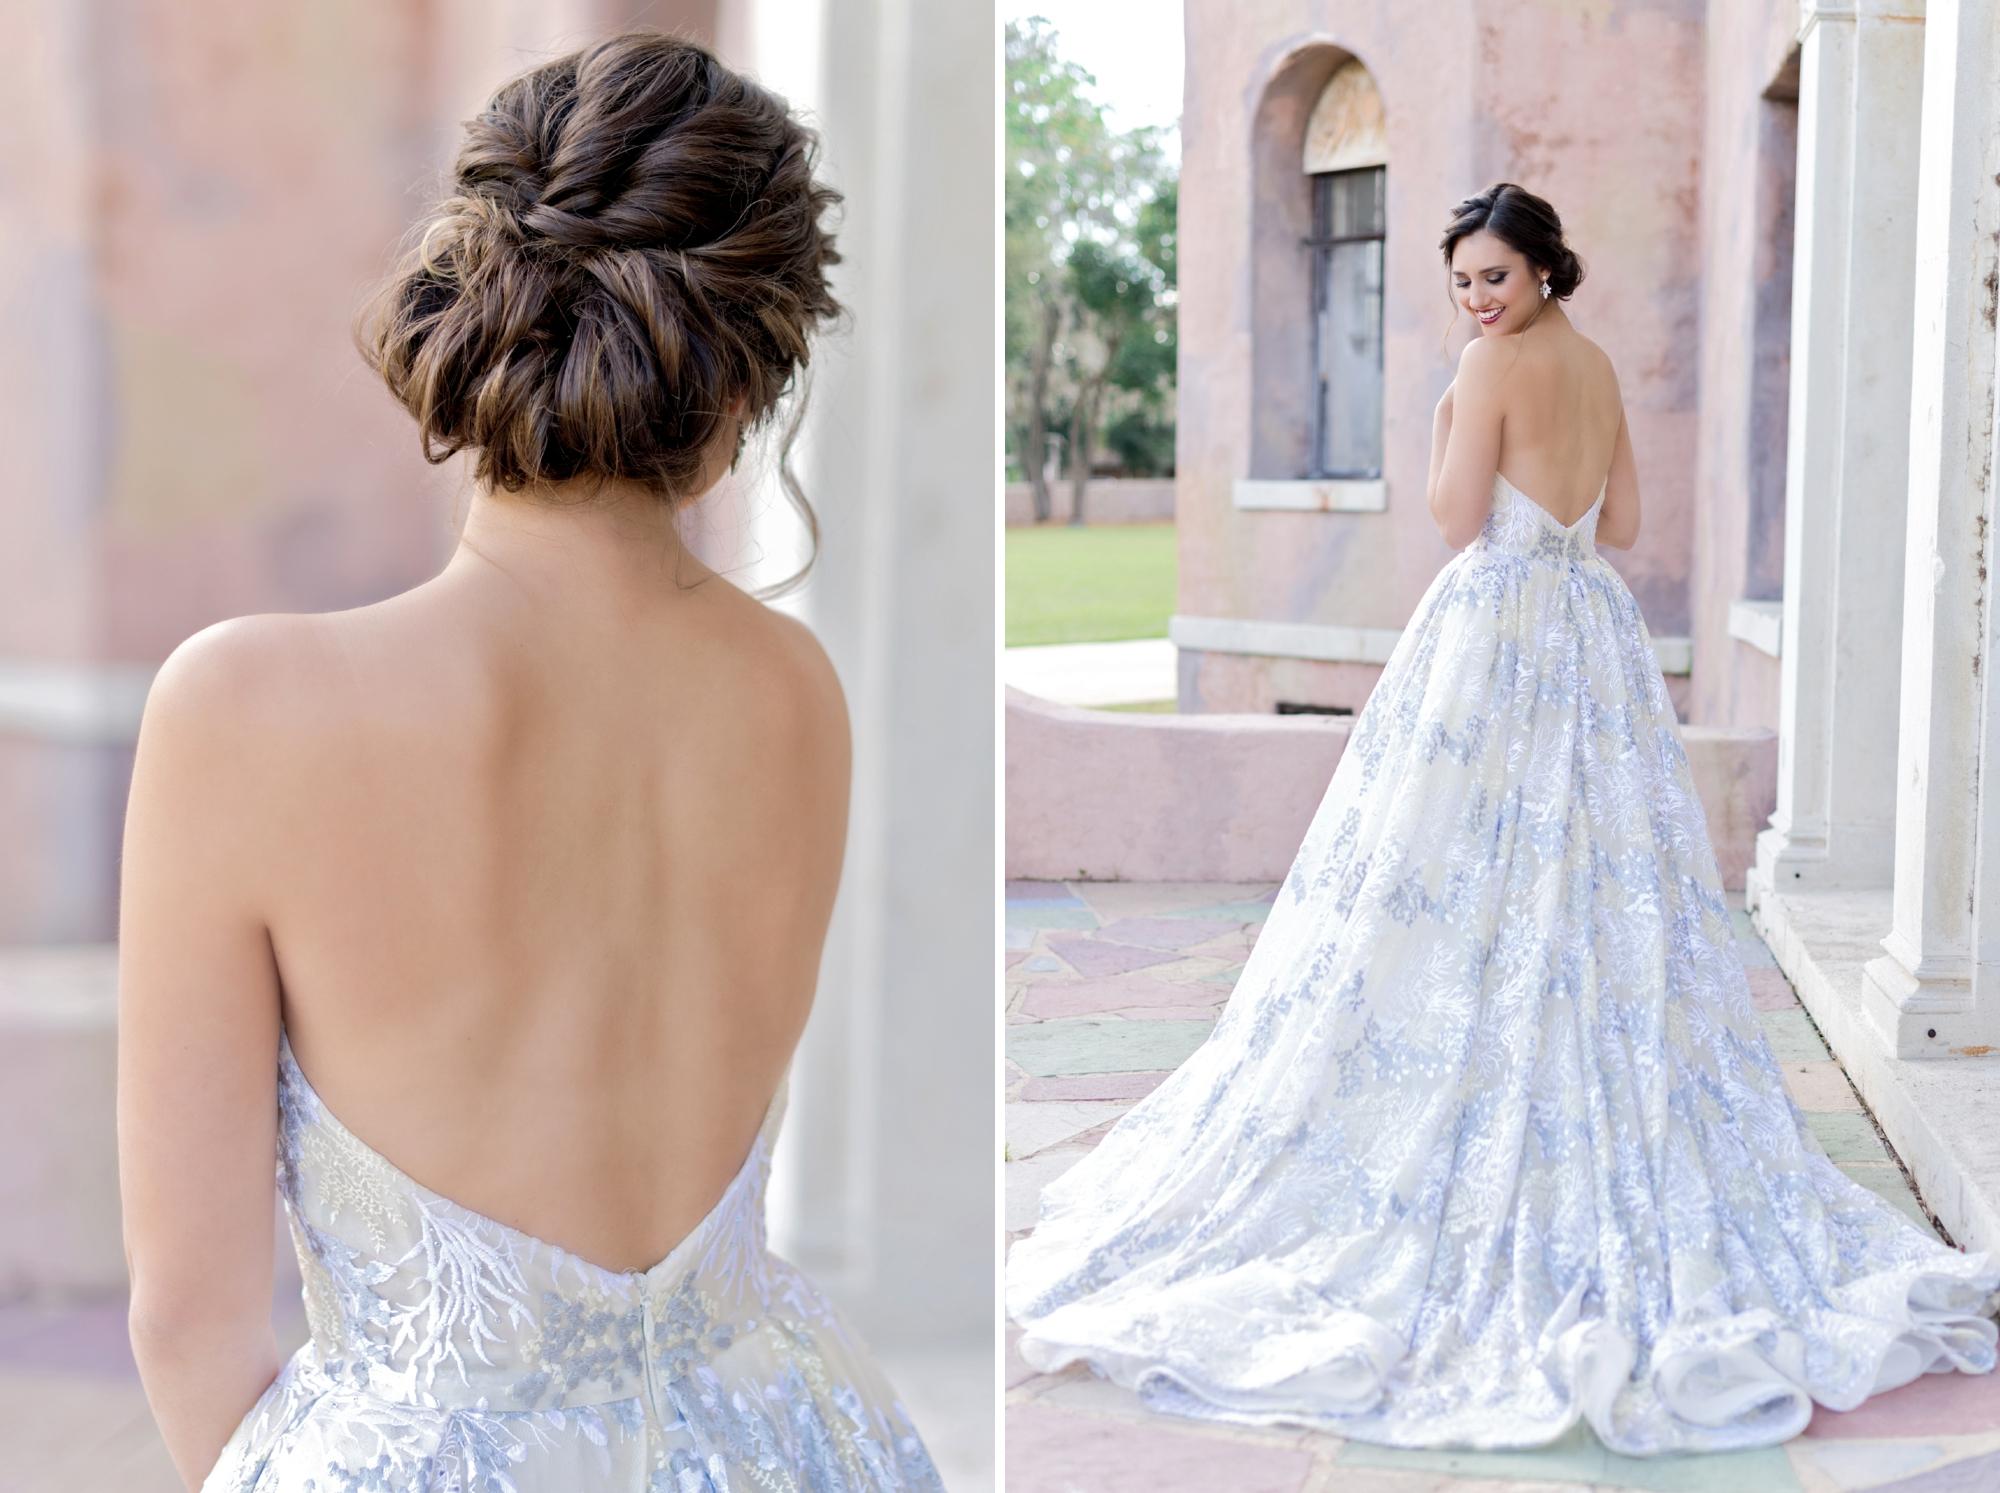 textured wedding hairstyles